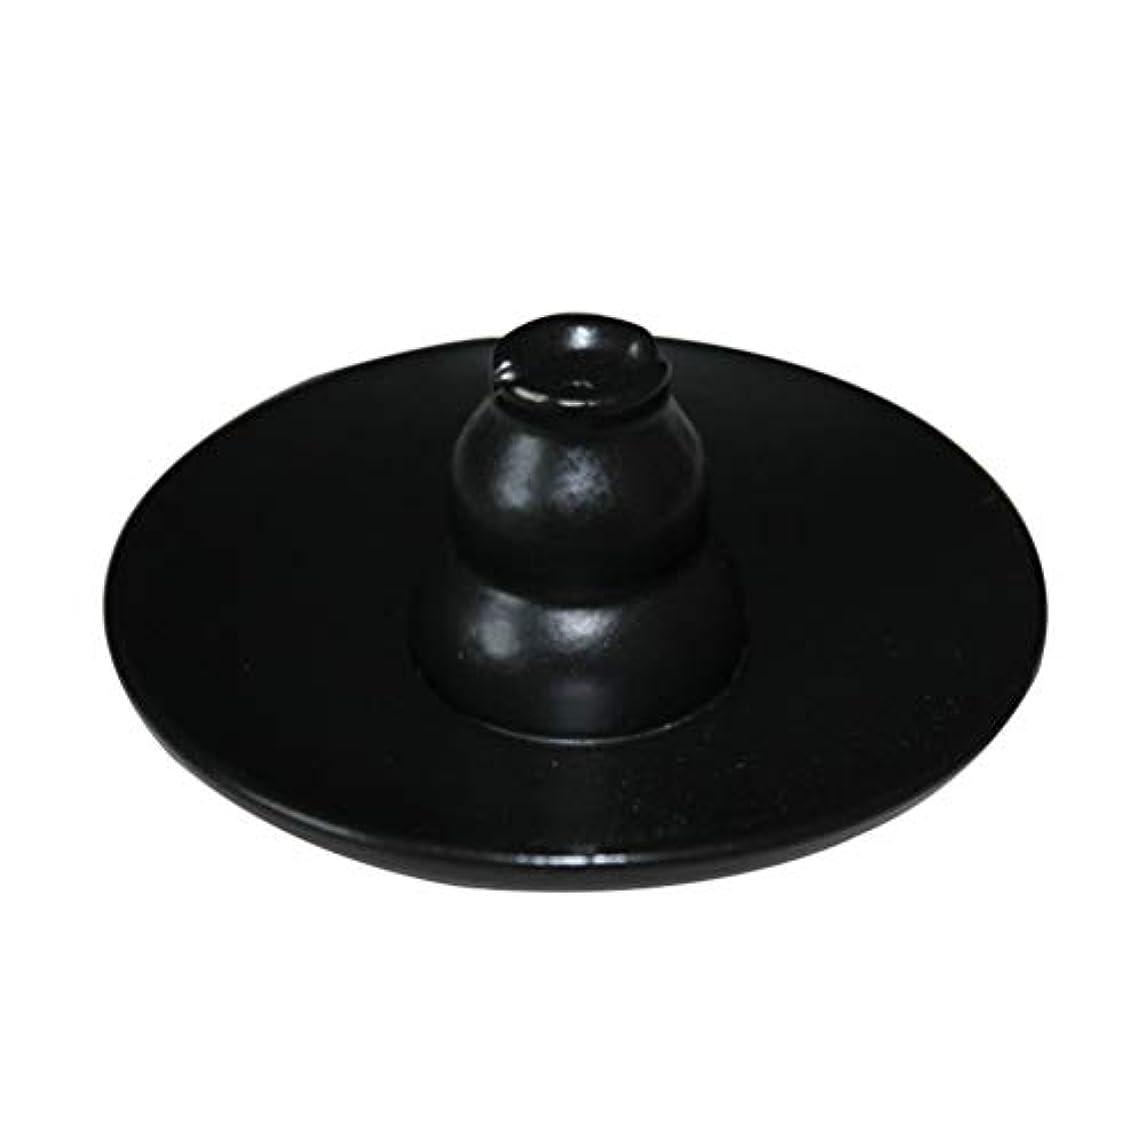 検索学習ケーブルFrcolor 香皿 陶器 お香立て 線香立て 手作り ひょうたん型 お香用具 お香たて おしゃれ アロマ香炉